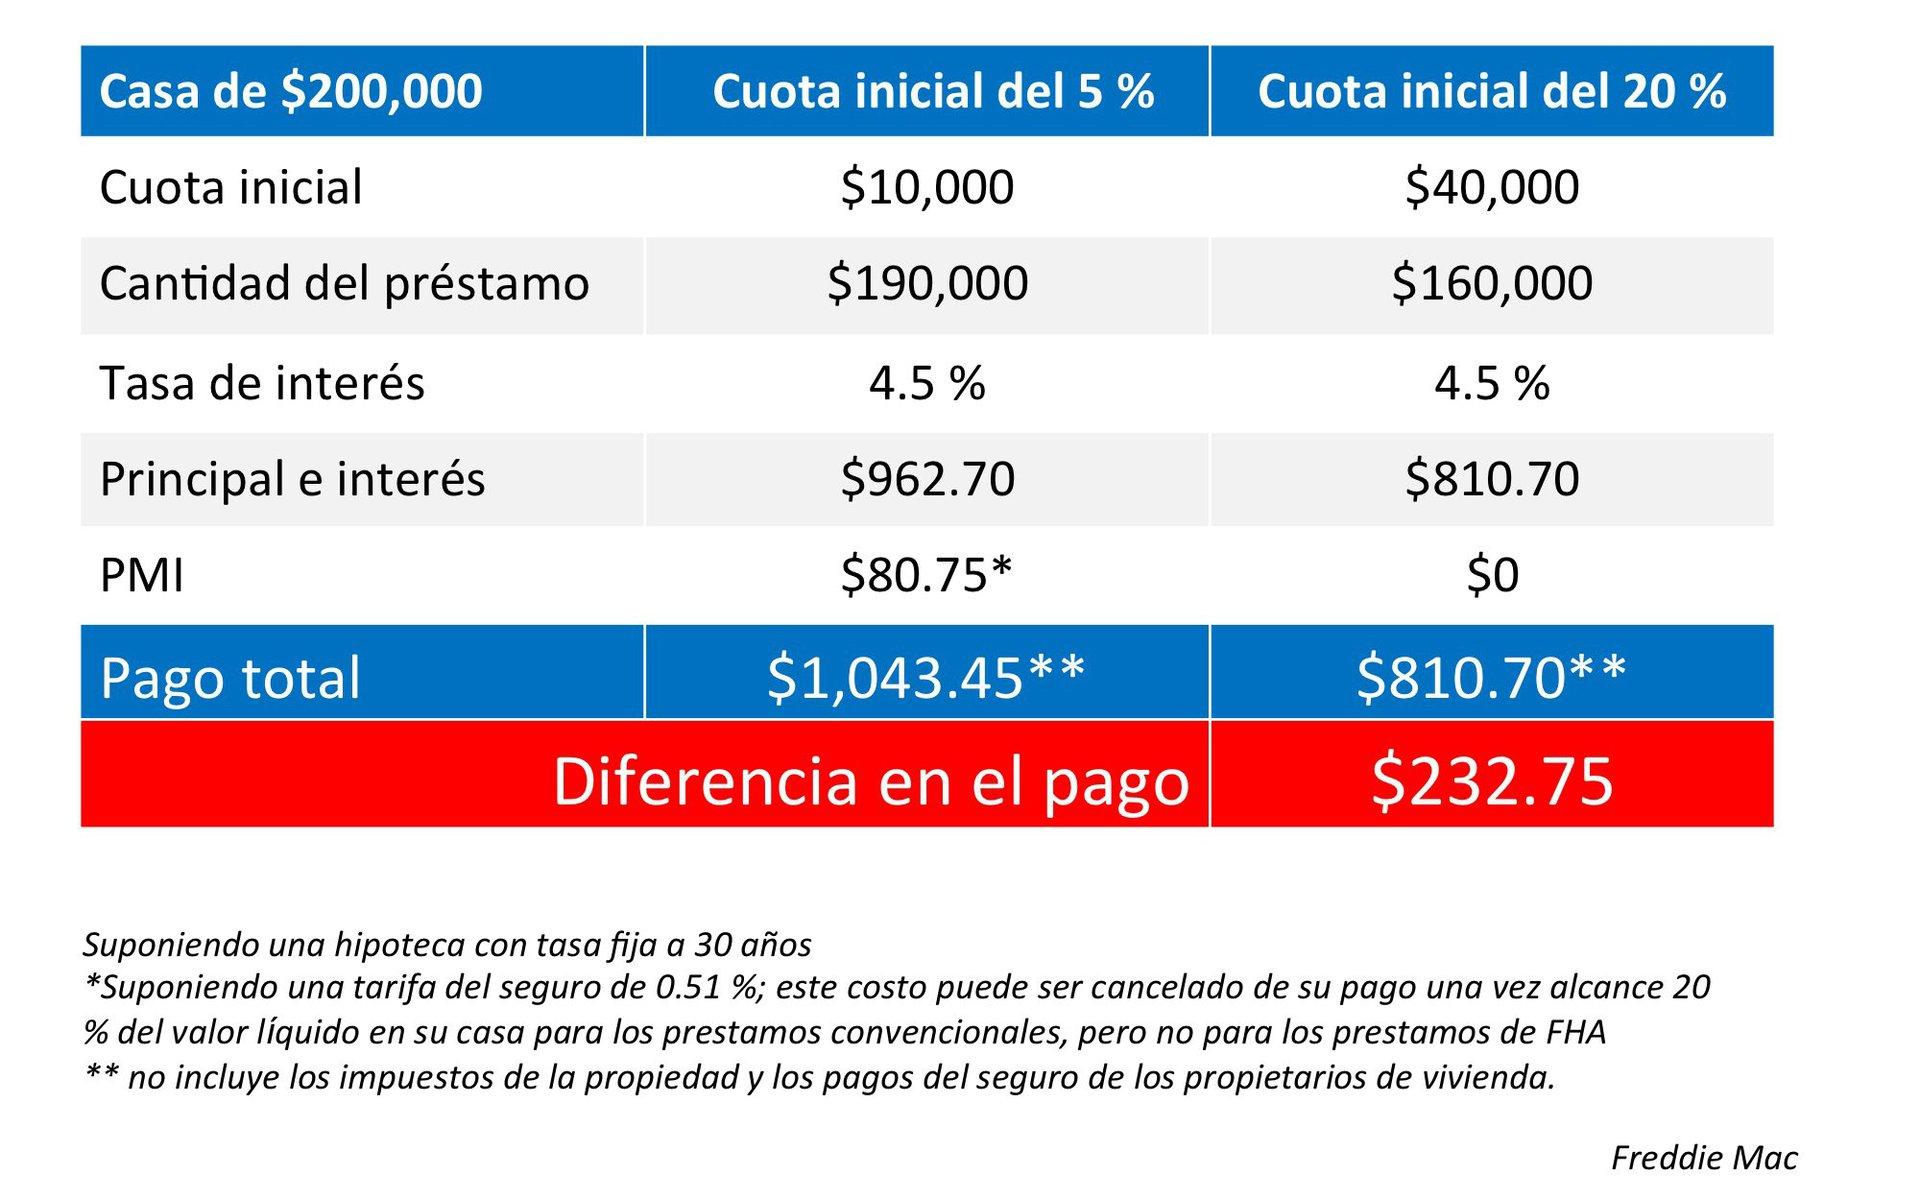 Diferencia de la cuota inicial del 5 % al 20 %| Keeping Current Matters